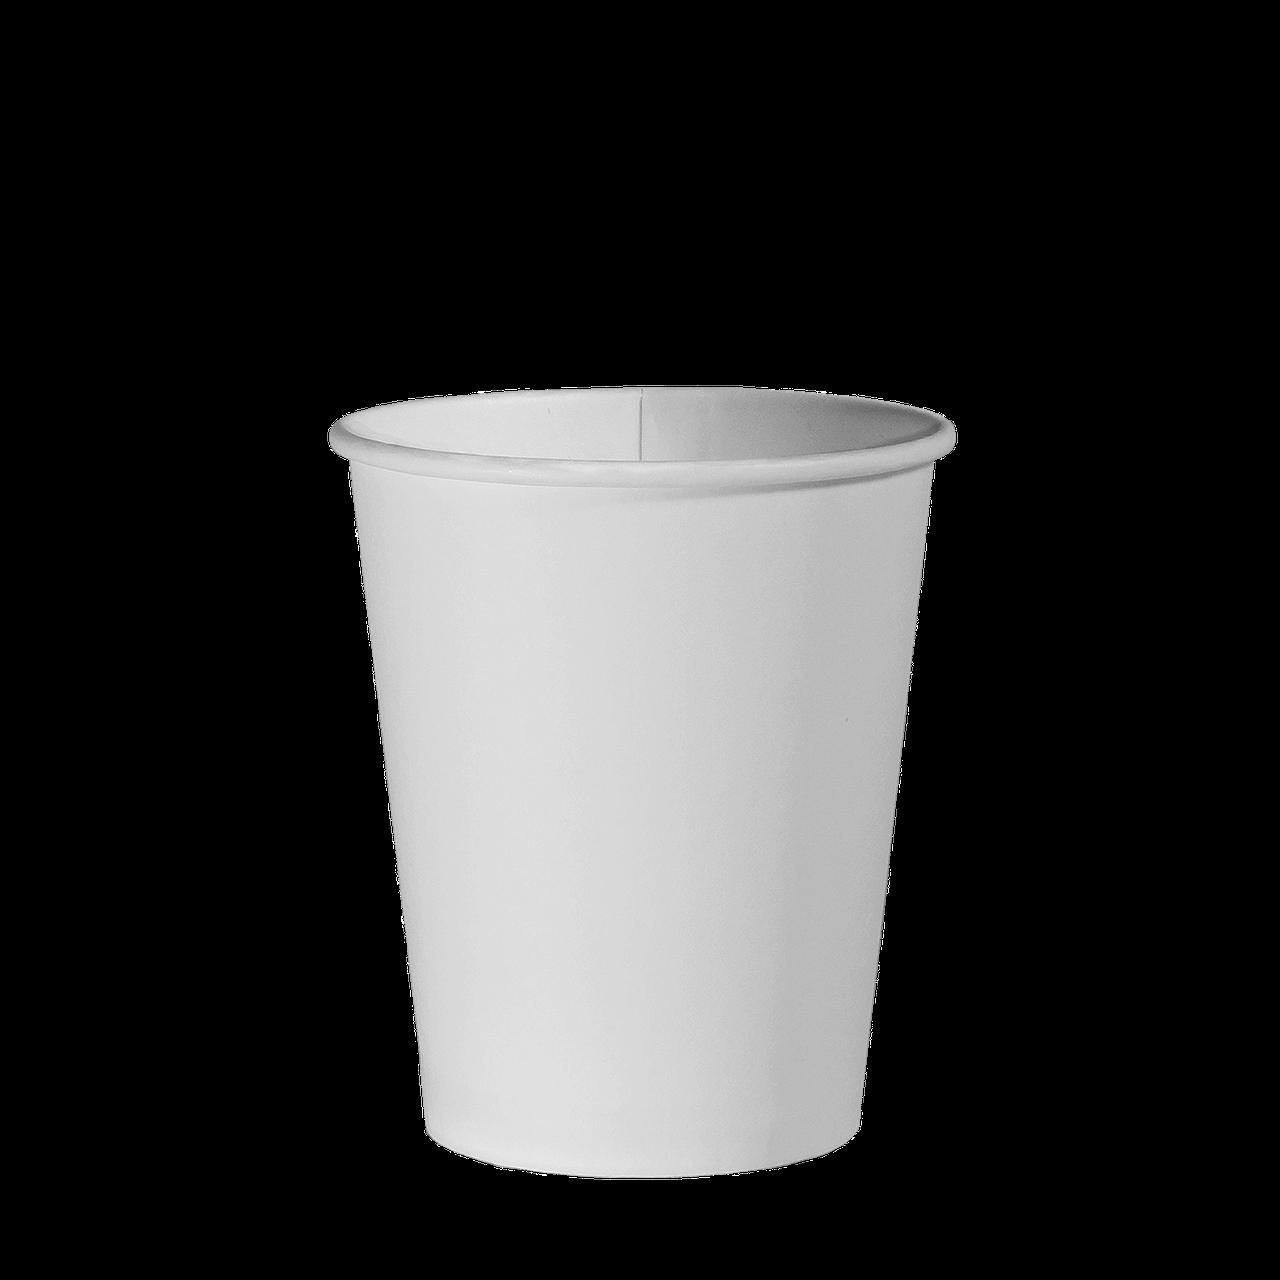 Стакан бумажный Белый 300мл. 50шт/уп (1ящ/20уп/1000шт) (КВ80)